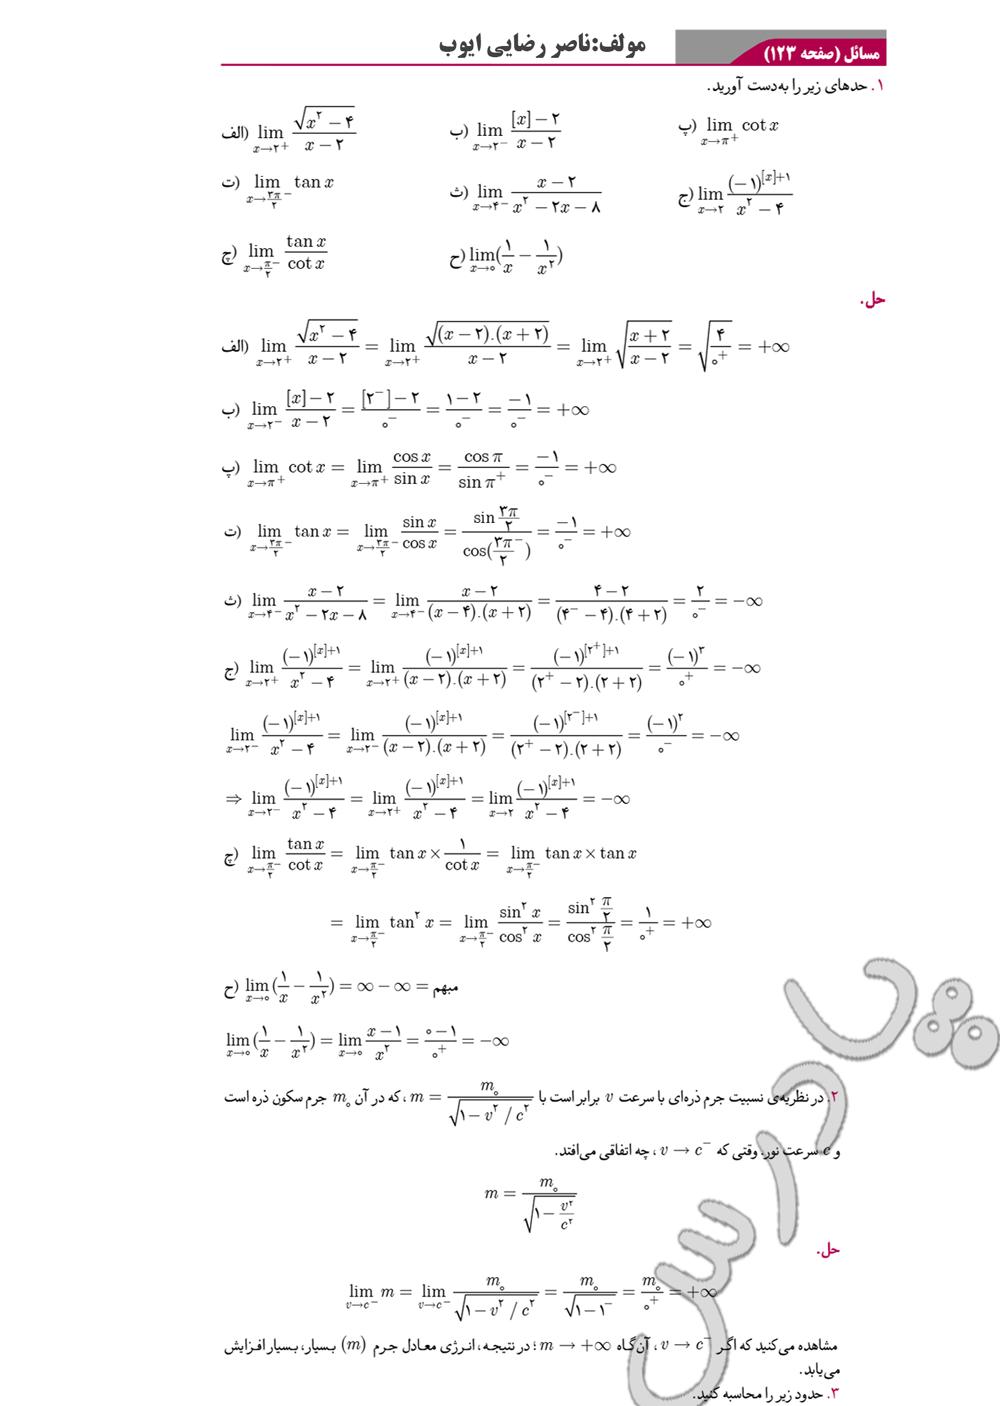 حل مسائل صفحه 123 دیفرانسیل پیش دانشگاهی